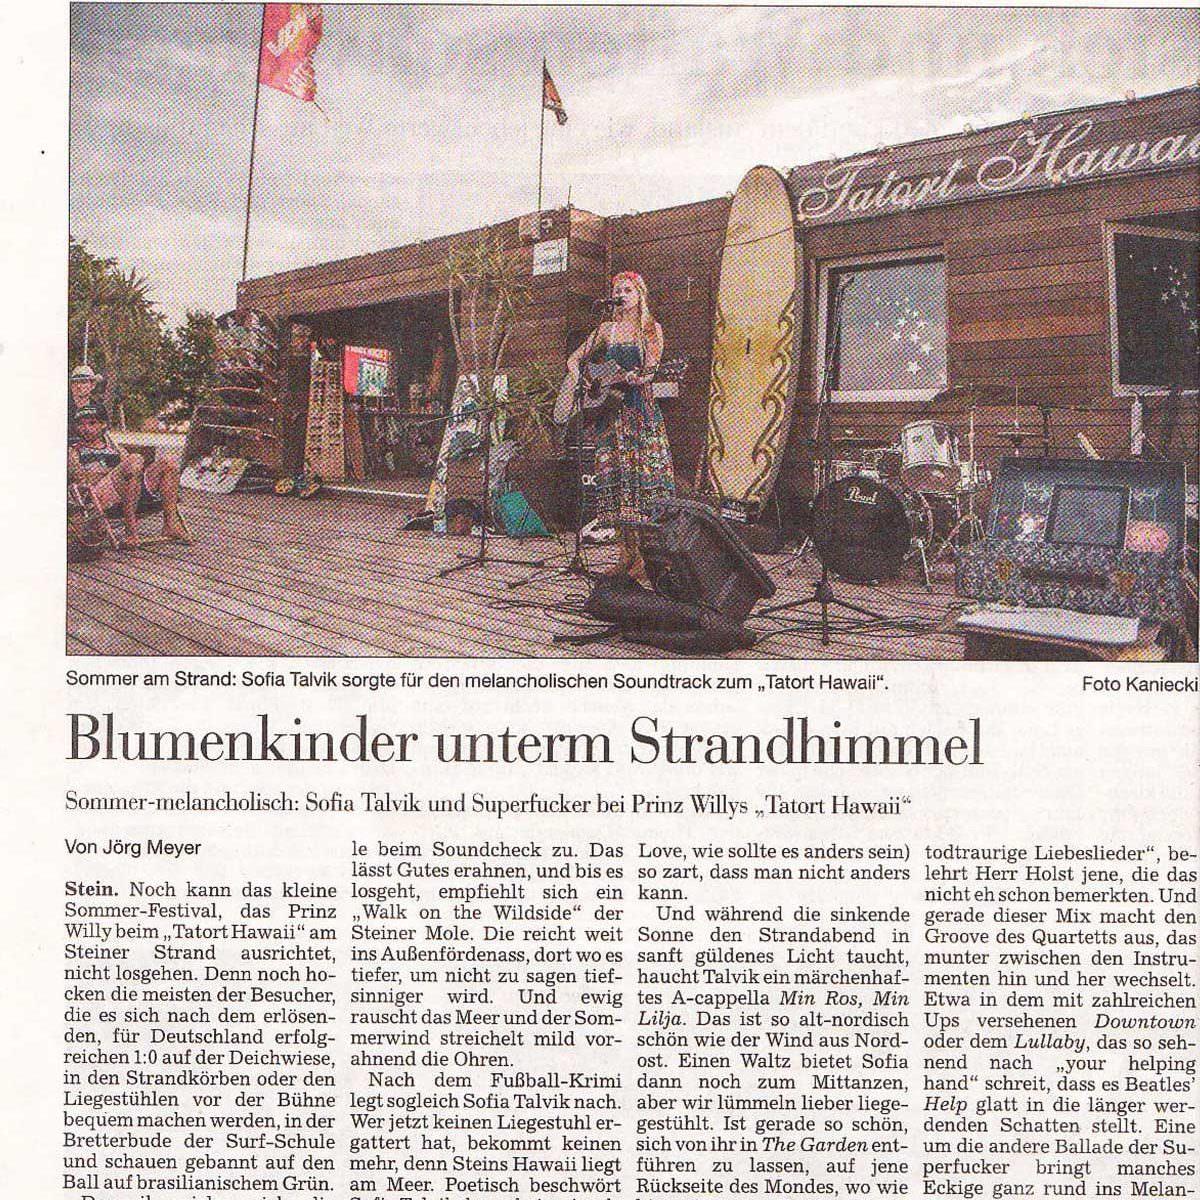 Sofia Talvik Kiel Press Review